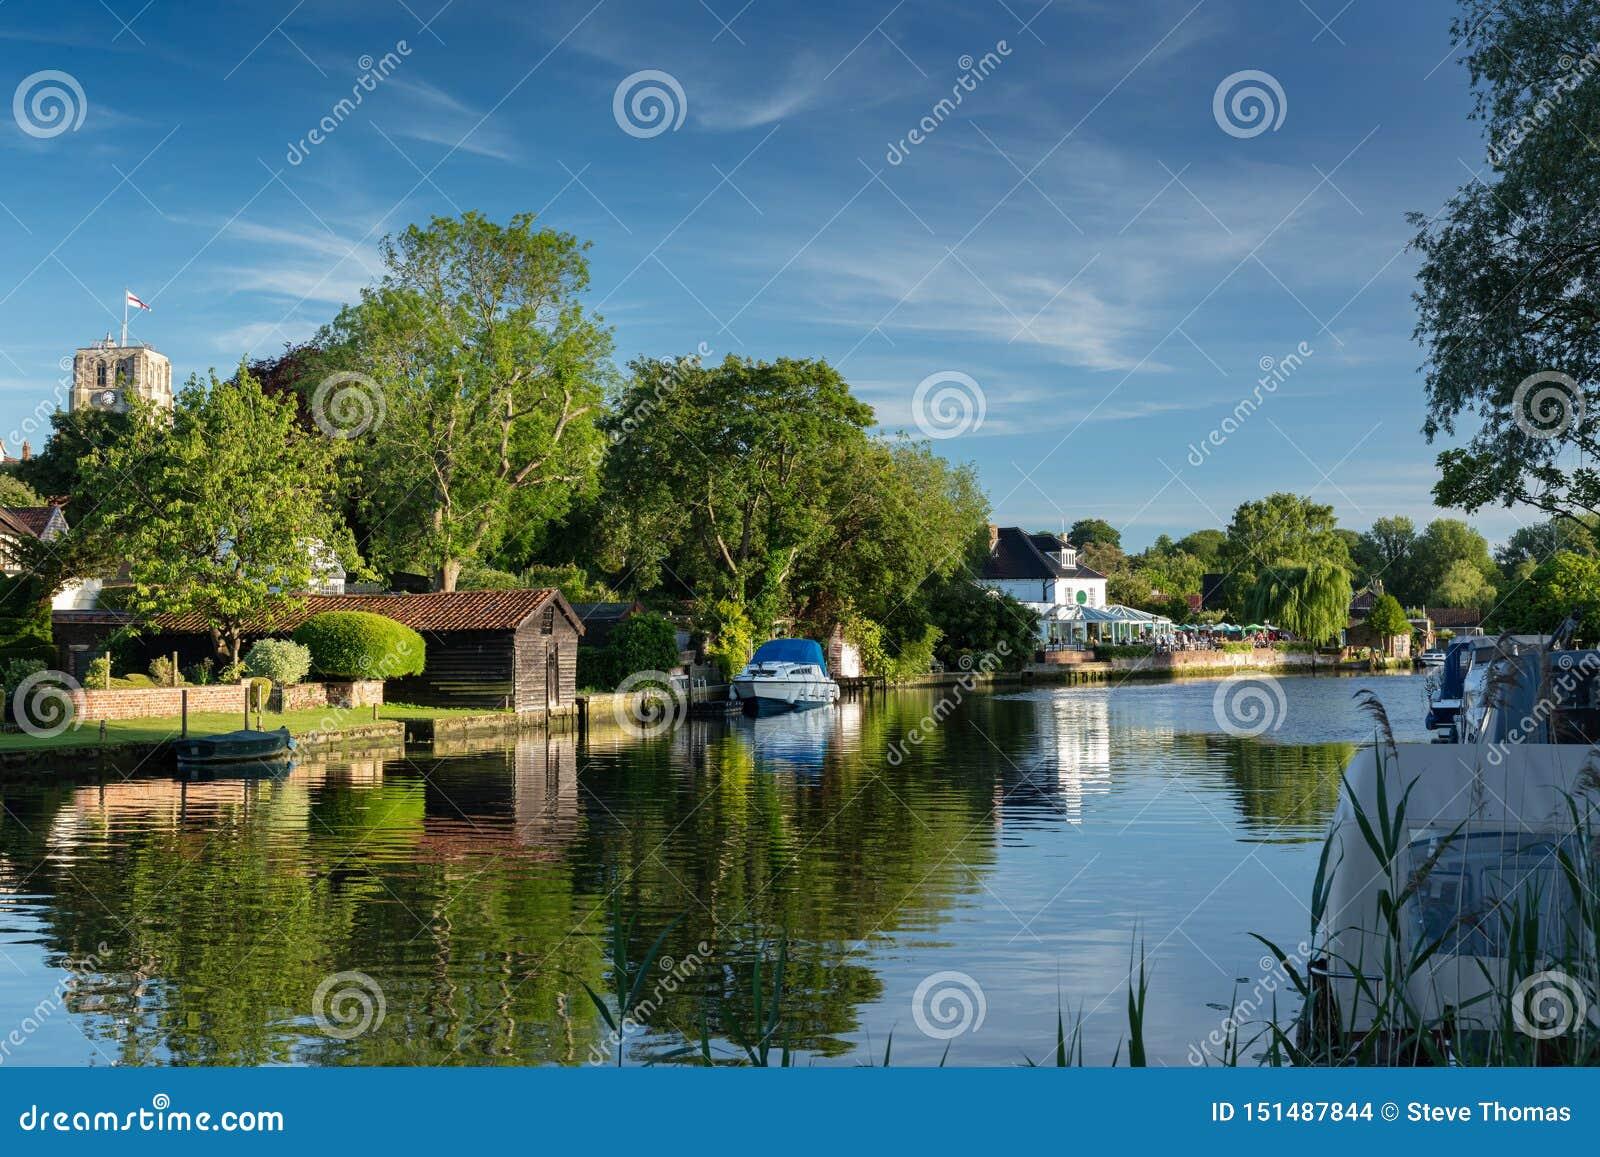 River Waveney, Beccles, UK, June 2019